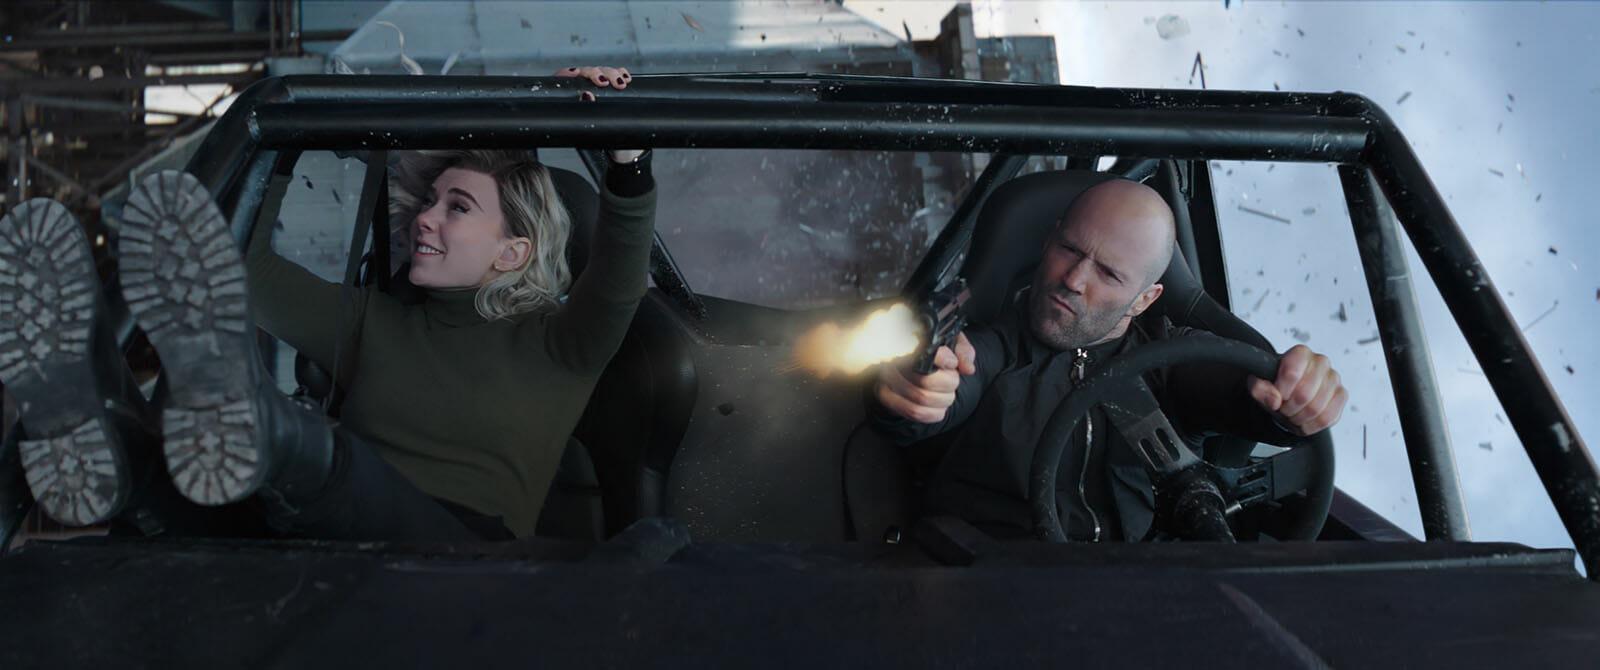 Hobbs-and-Shaw-Jason-Statham-Vanessa-Shaw